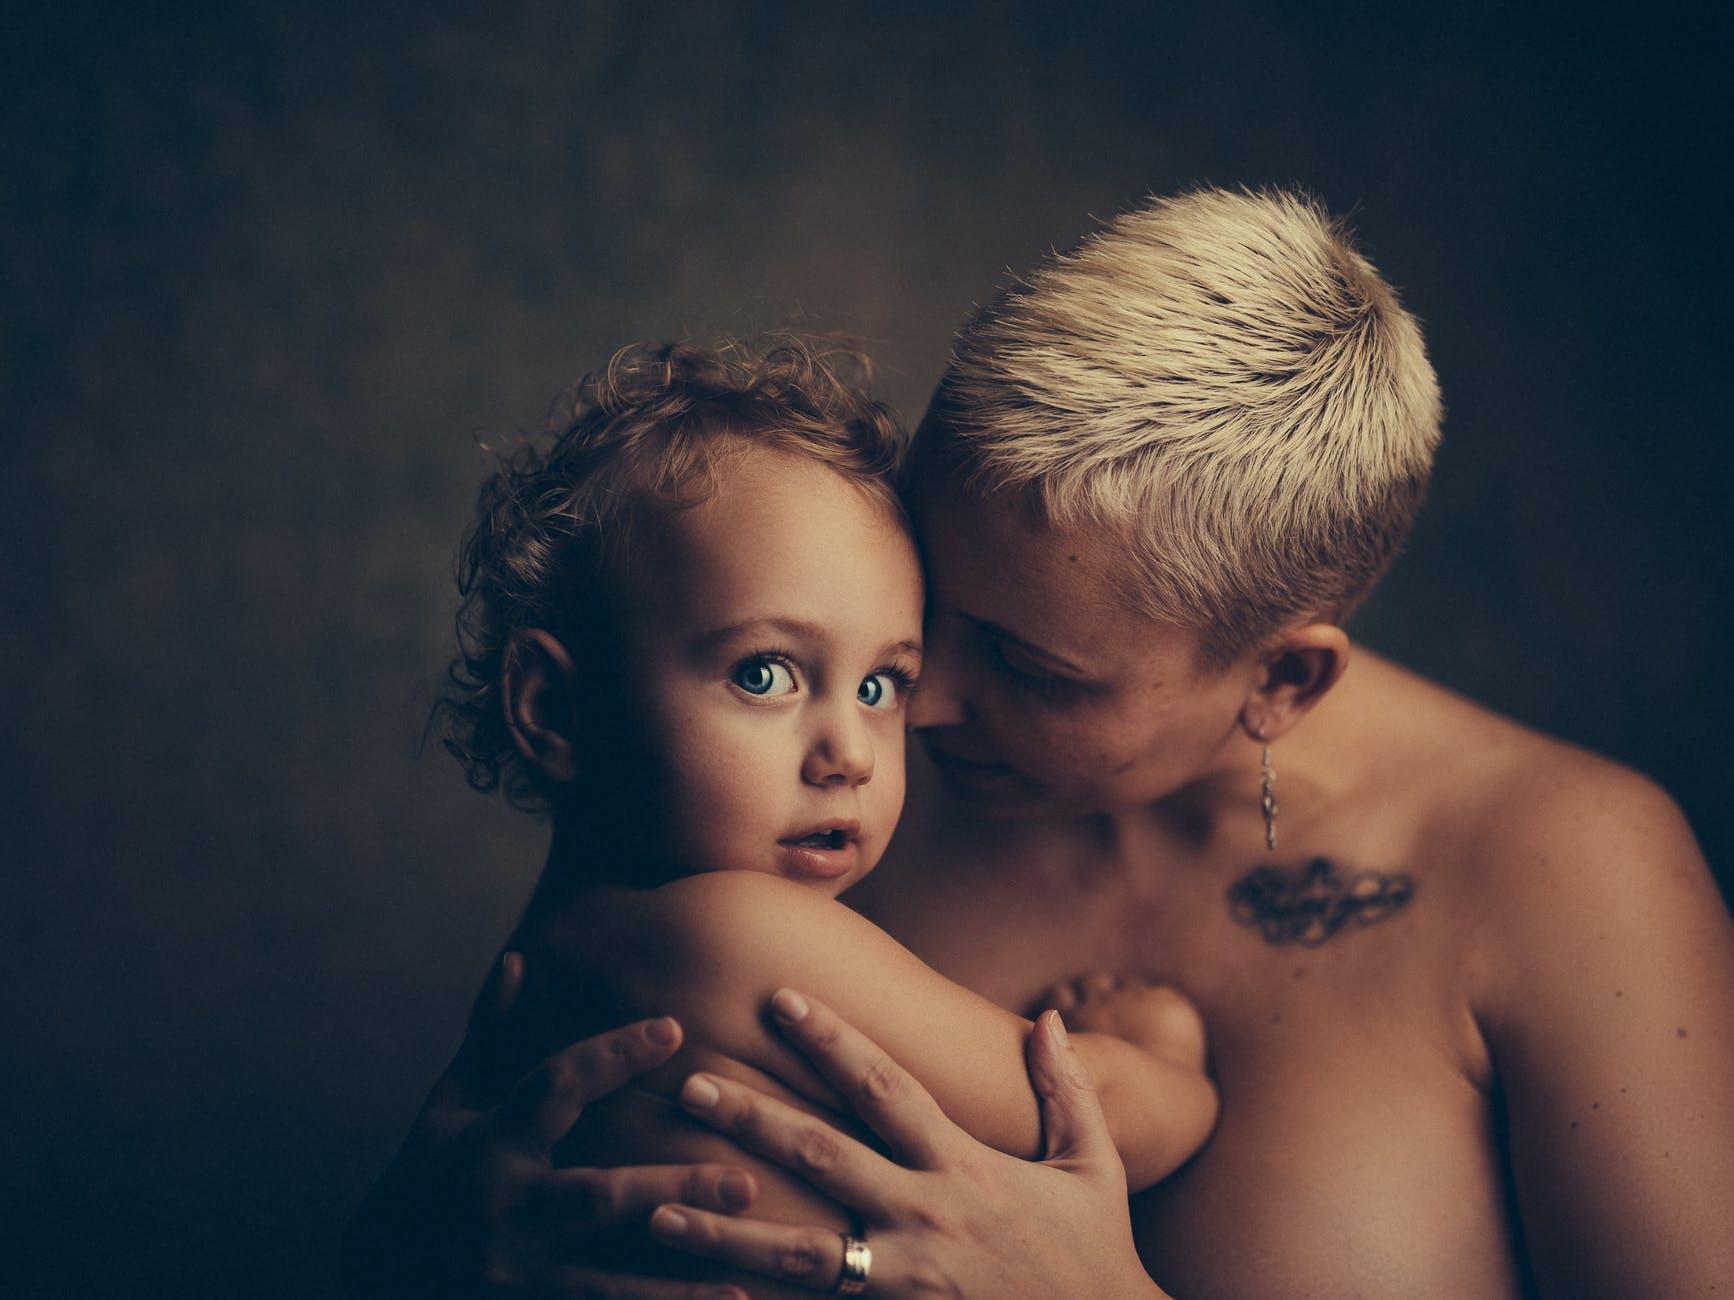 zena majka dijete dojenje mlijeko